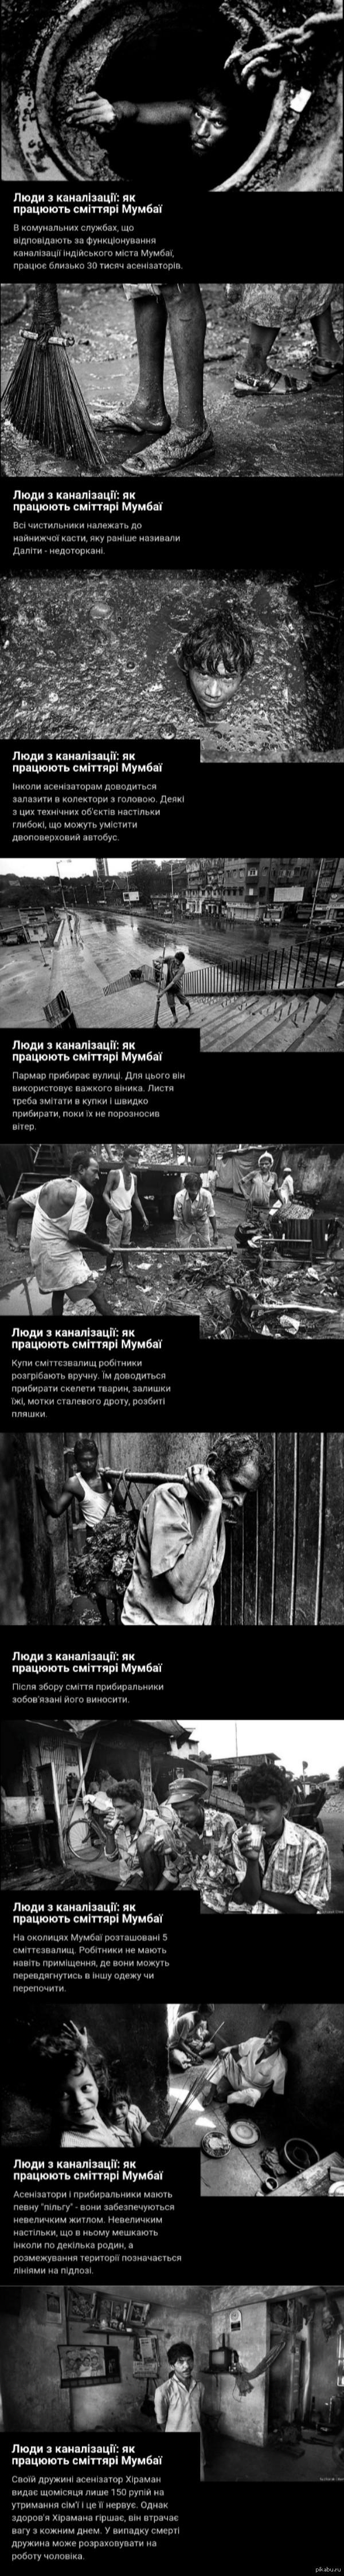 Люди из канализации: Как работают мусорщики в Мумбаи. Пробую делать длиннопост в фото редакторе на андроид. Качество наверное будет не очень Серия фотографий о работе асинезаторов от Судхарак Олве. Статьят тут:http://www.bbc.com/ukrainian/multimedia/2015/09/150917_mumbai_sewer_workers_gallery_as